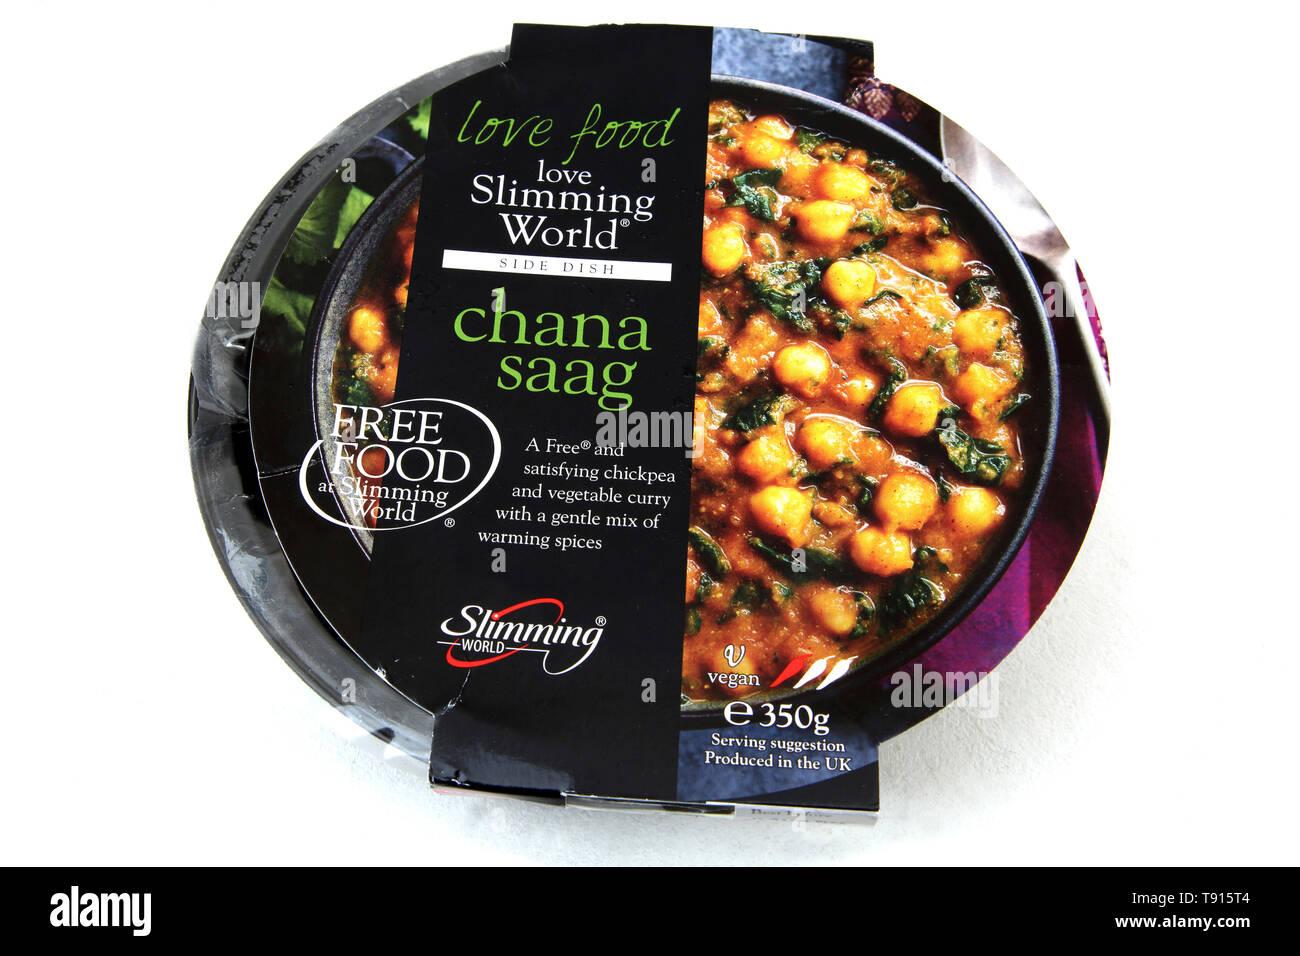 Mundo de adelgazamiento veganas Chana Saag garbanzo y curry de verduras Foto de stock